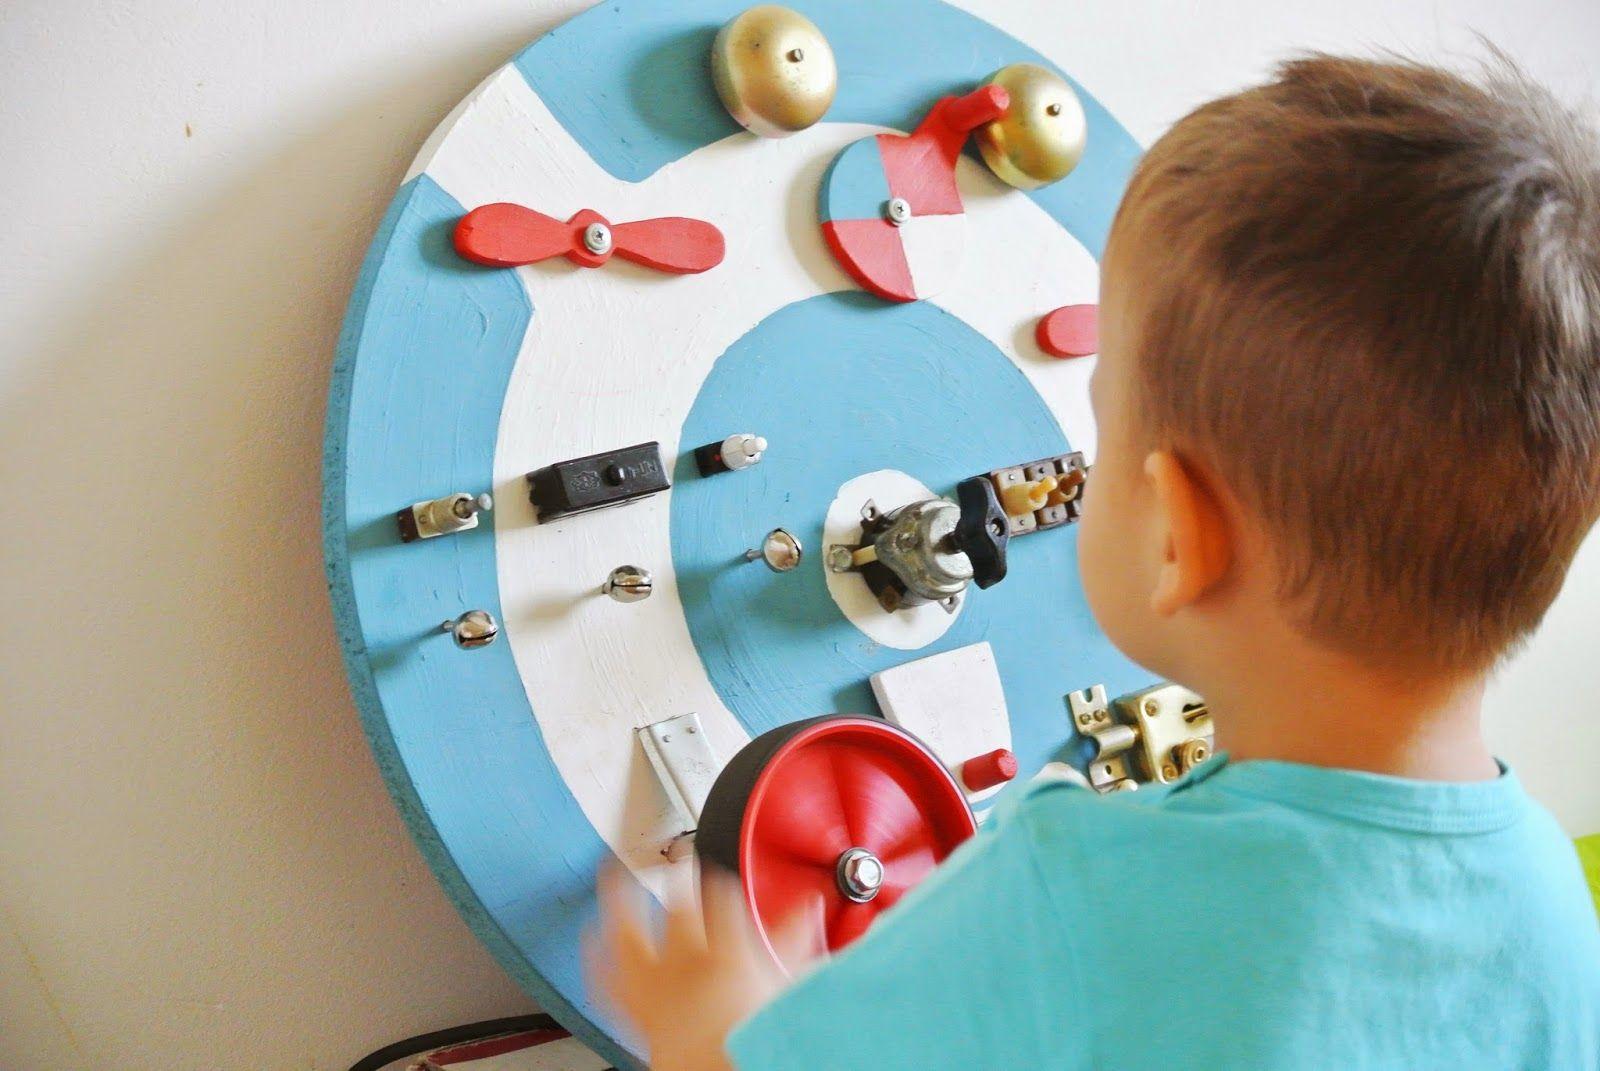 """busy board for two year old aviation theme 忙板 ビジーボード """"幼児学習ボード 幼児ビジーボード 赤ちゃんの細かい運動能力を練習するための多機能教育玩具、それにより、赤ちゃんはより良い手と目の調整を行うことができます """" 바쁜 보드"""